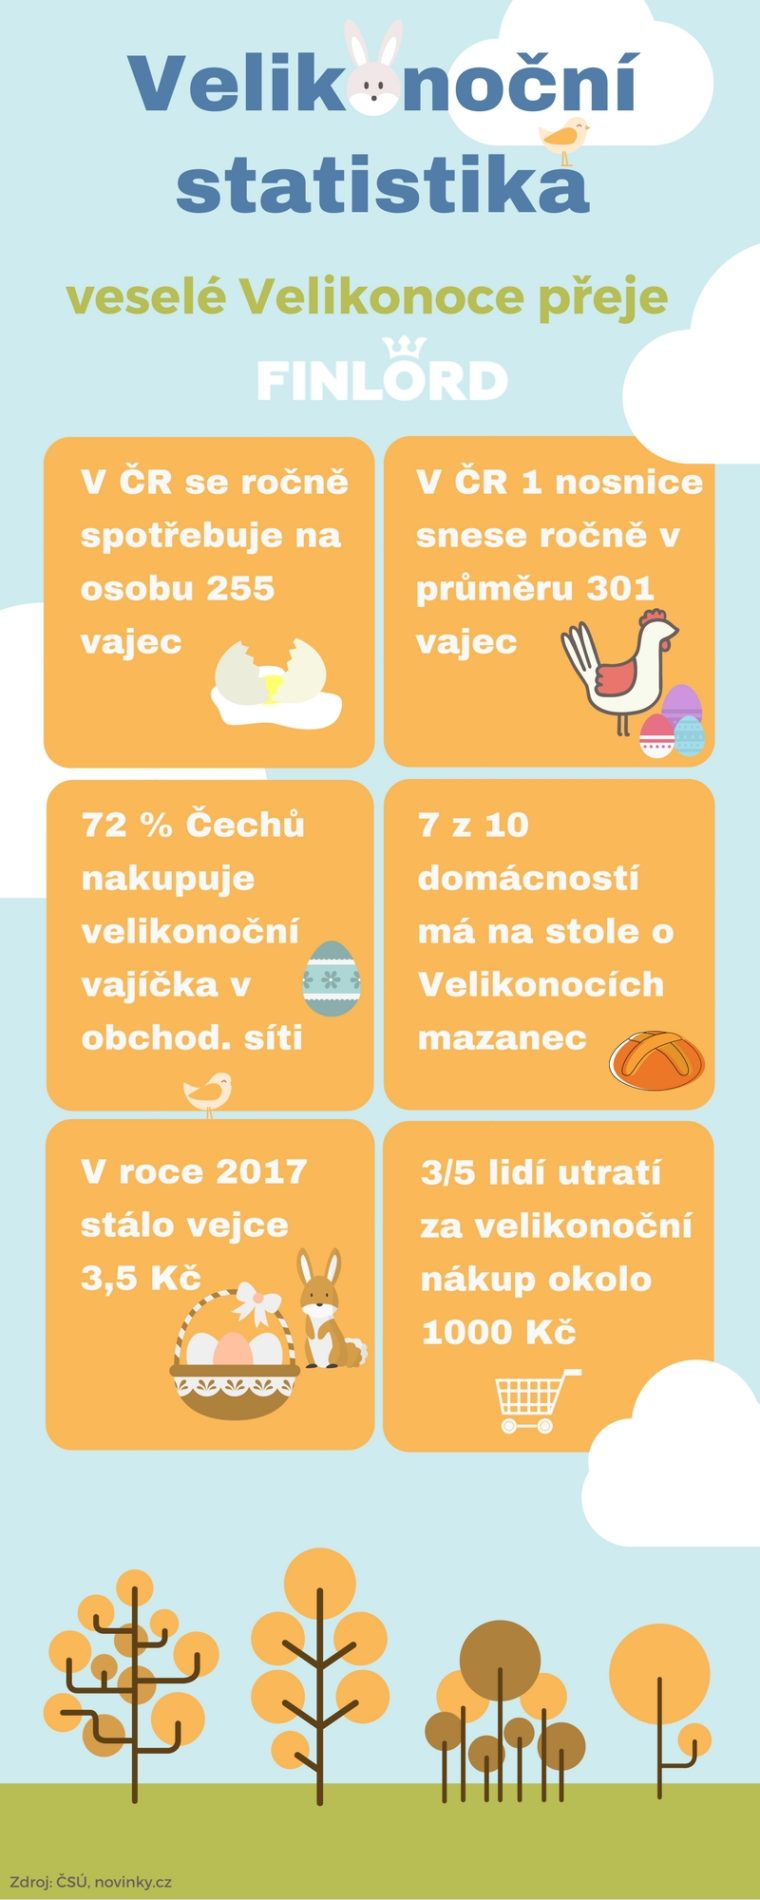 Velikonoční statistiky